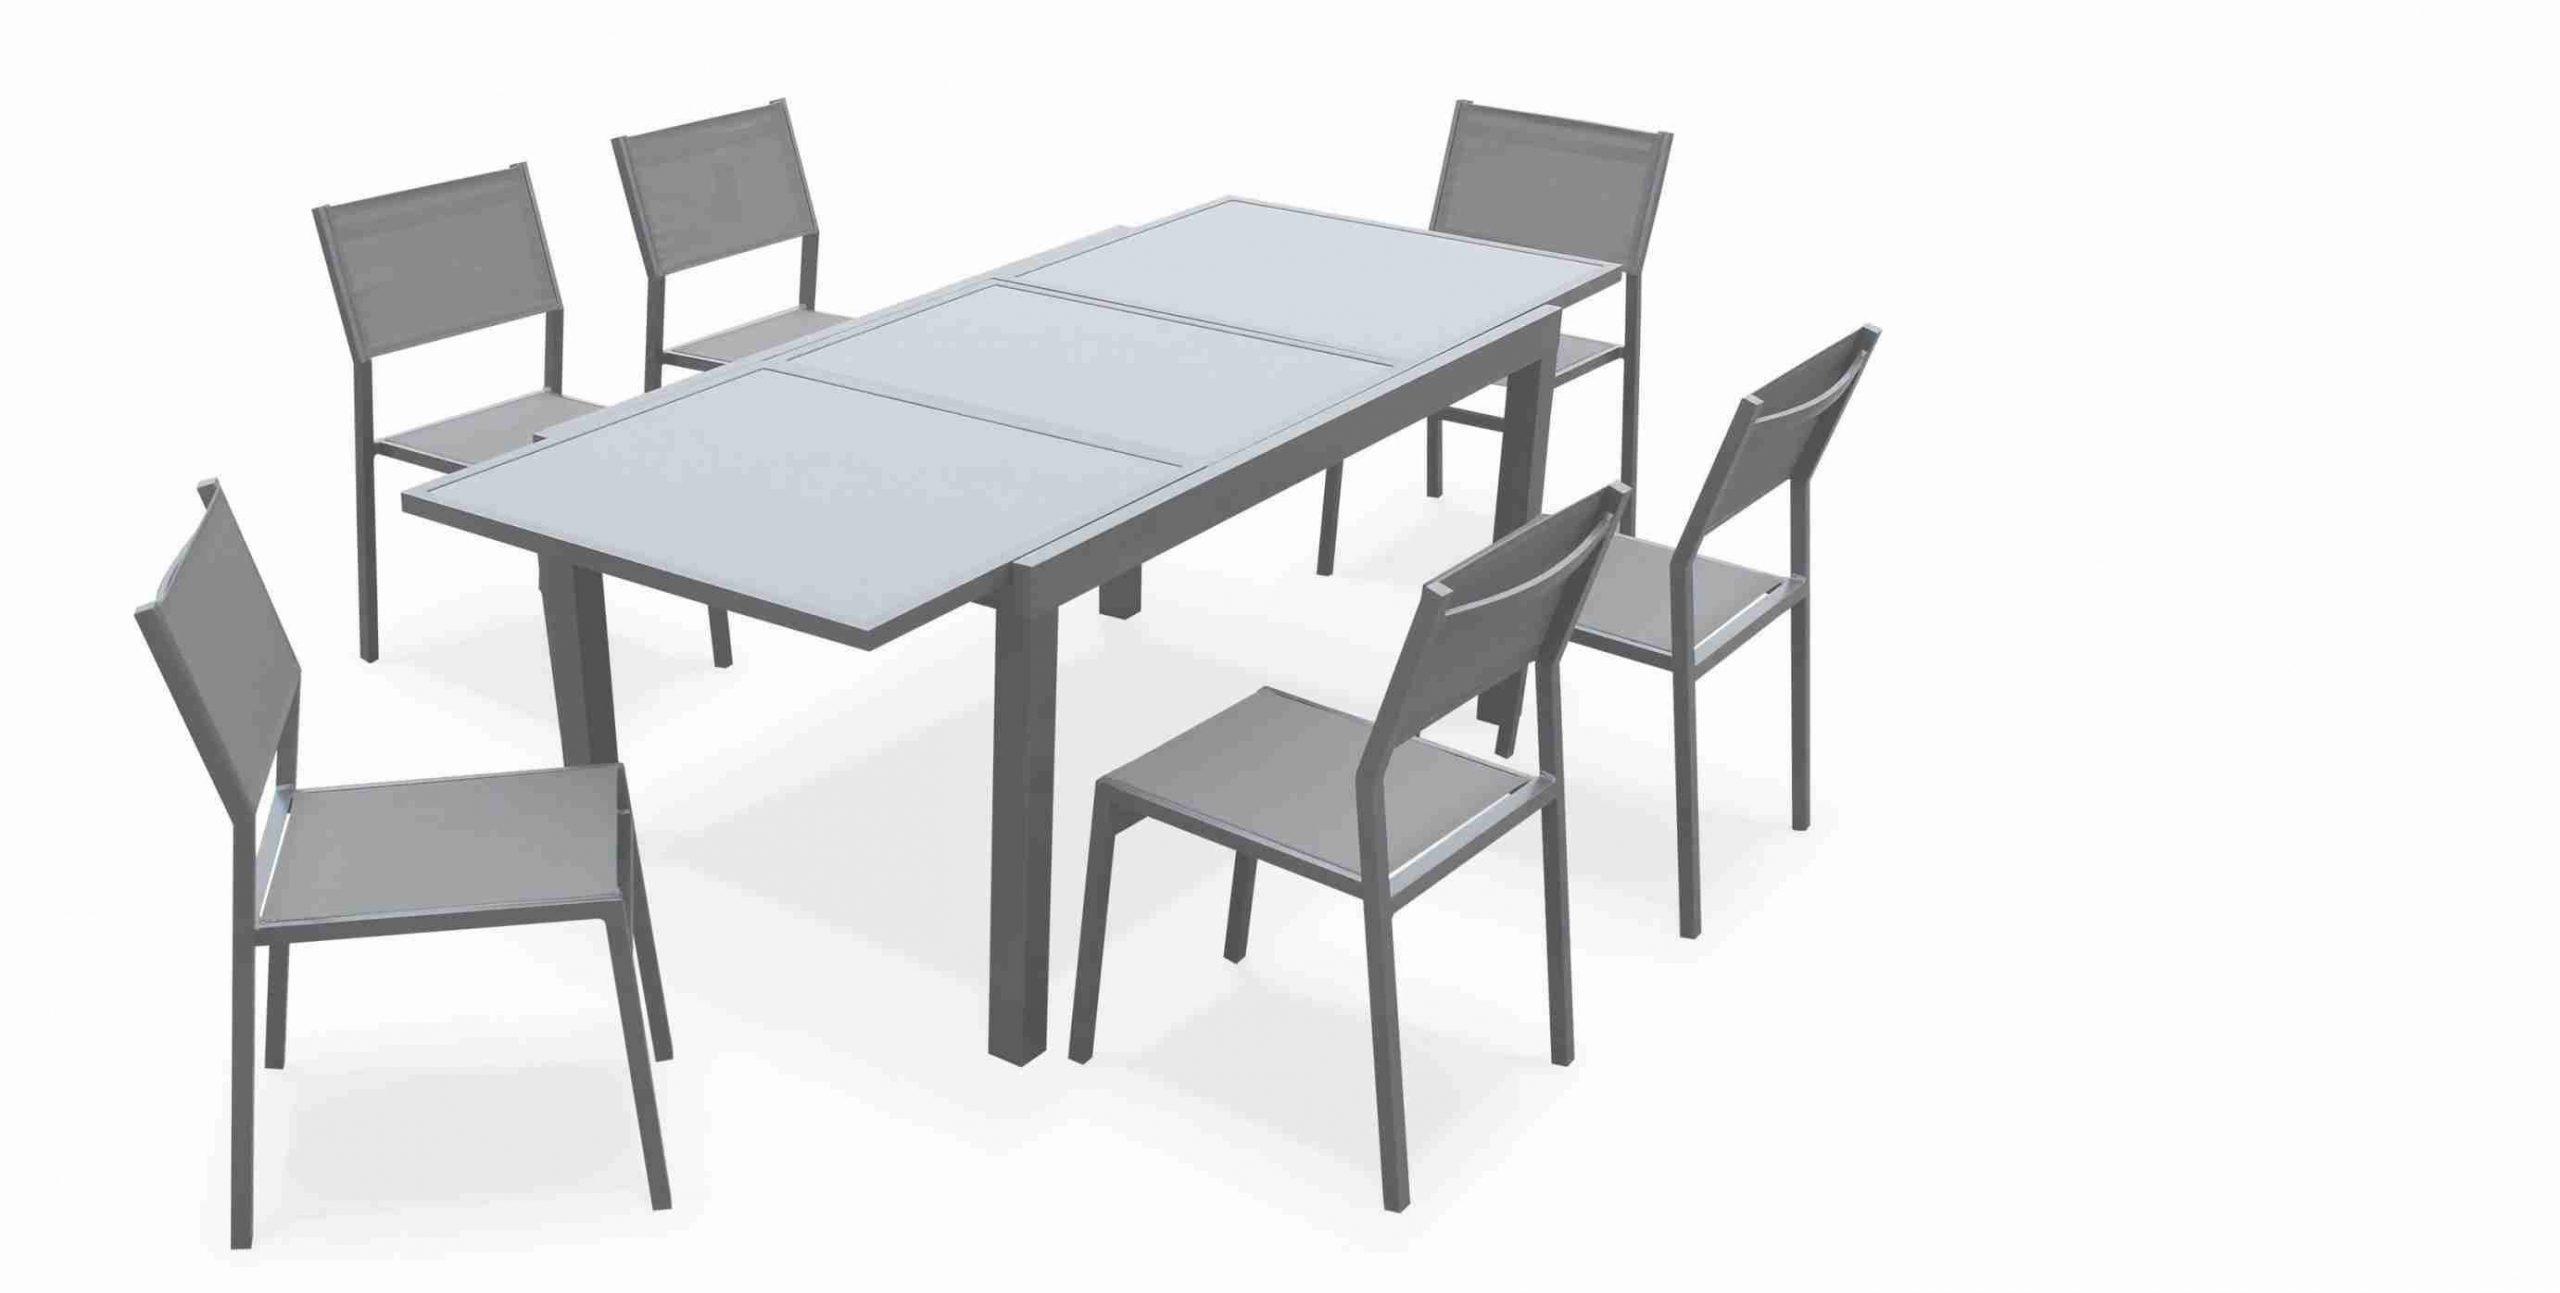 4 X Chaises De Jardin En Aluminium Pas Cher 180 Chaise De ... serapportantà Table Et Chaises De Jardin Pas Cher